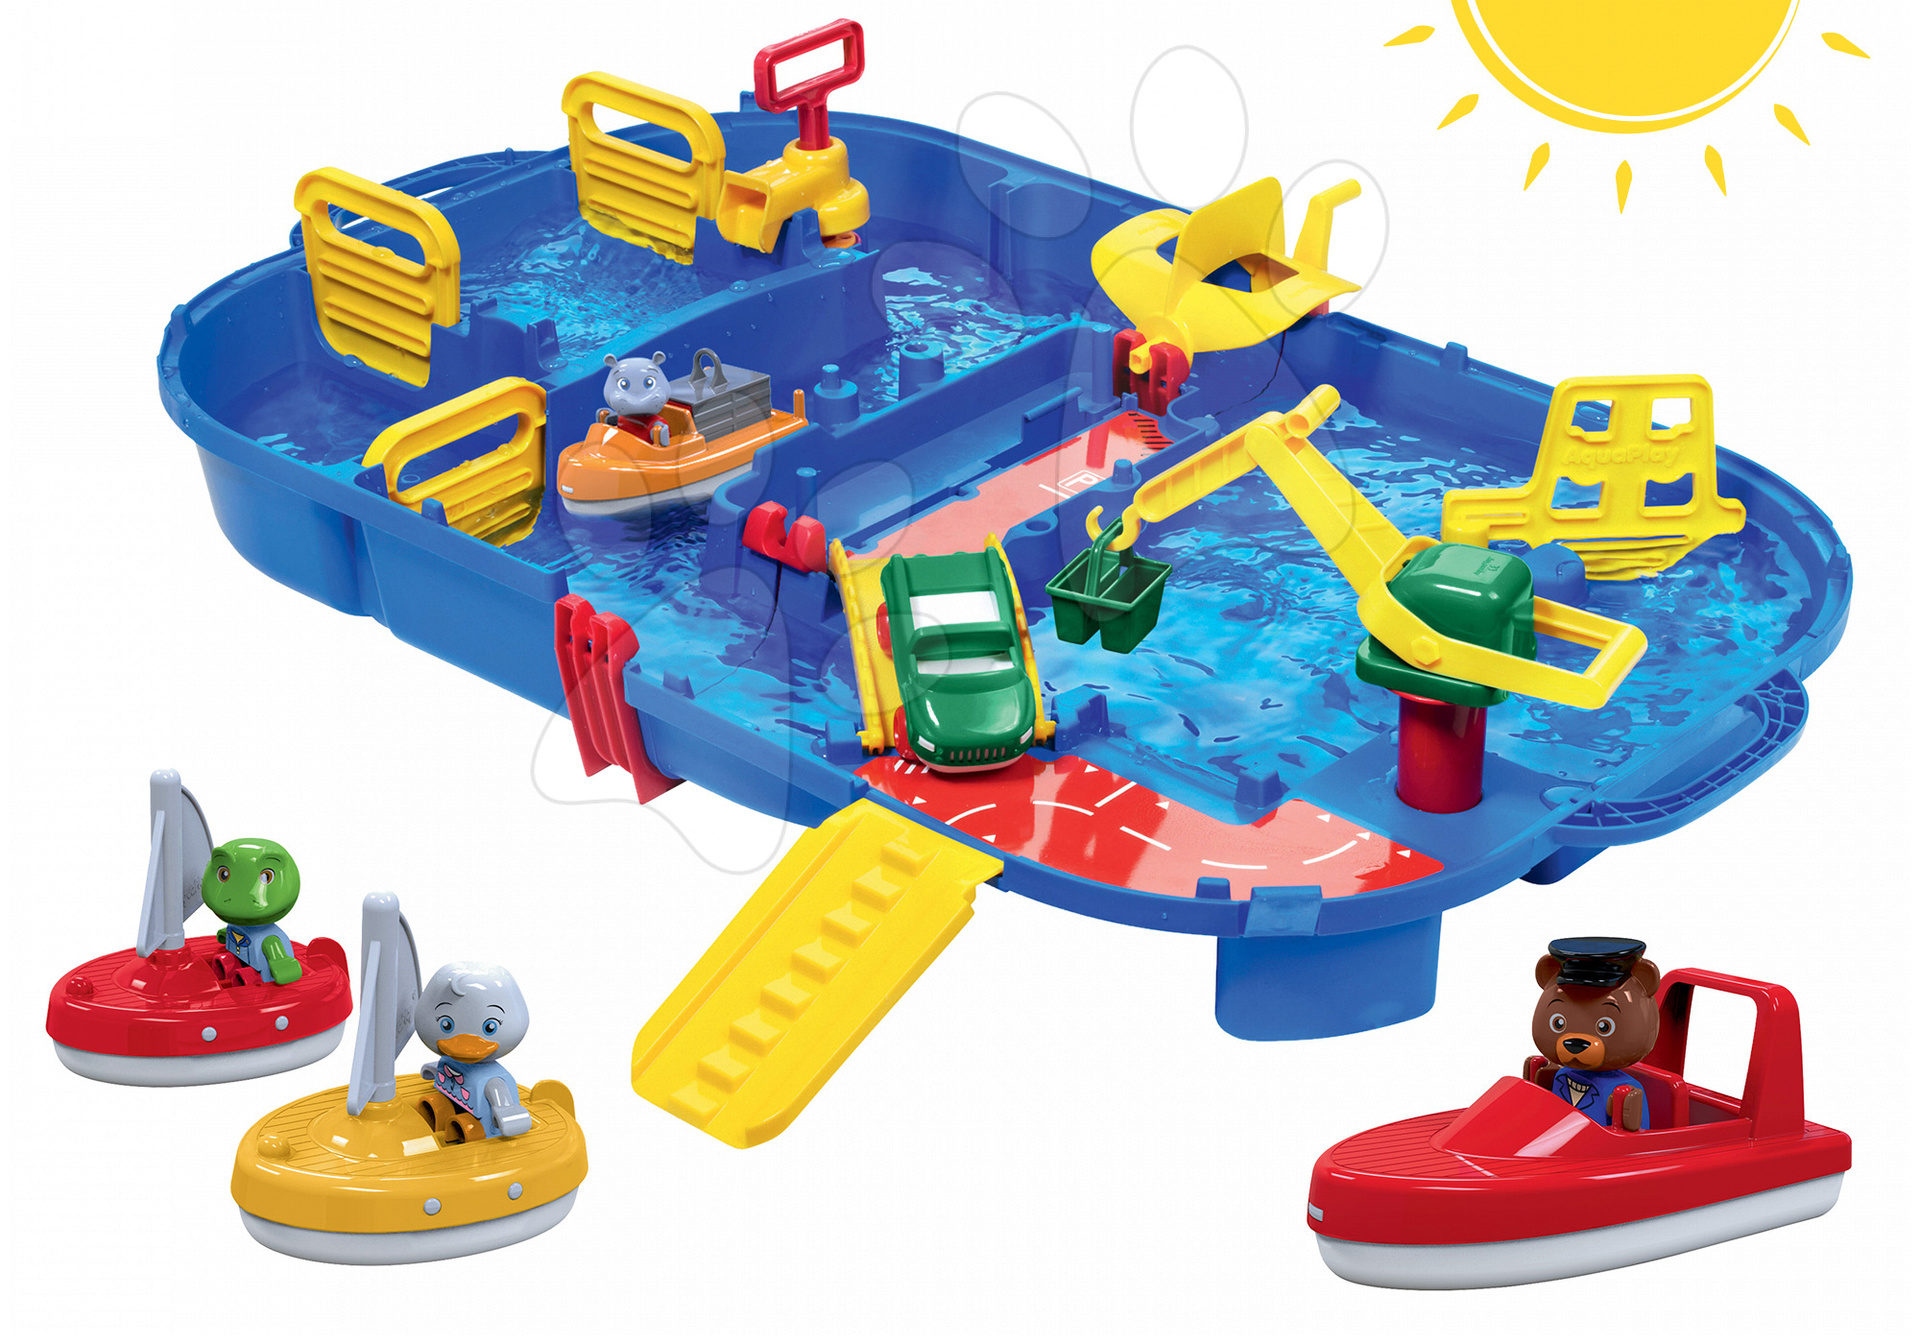 Set vodná dráha Aquaplay LockBox v kufríku s vodnou pumpou a 2 plachetnice s motorovým člnom 7 rokov